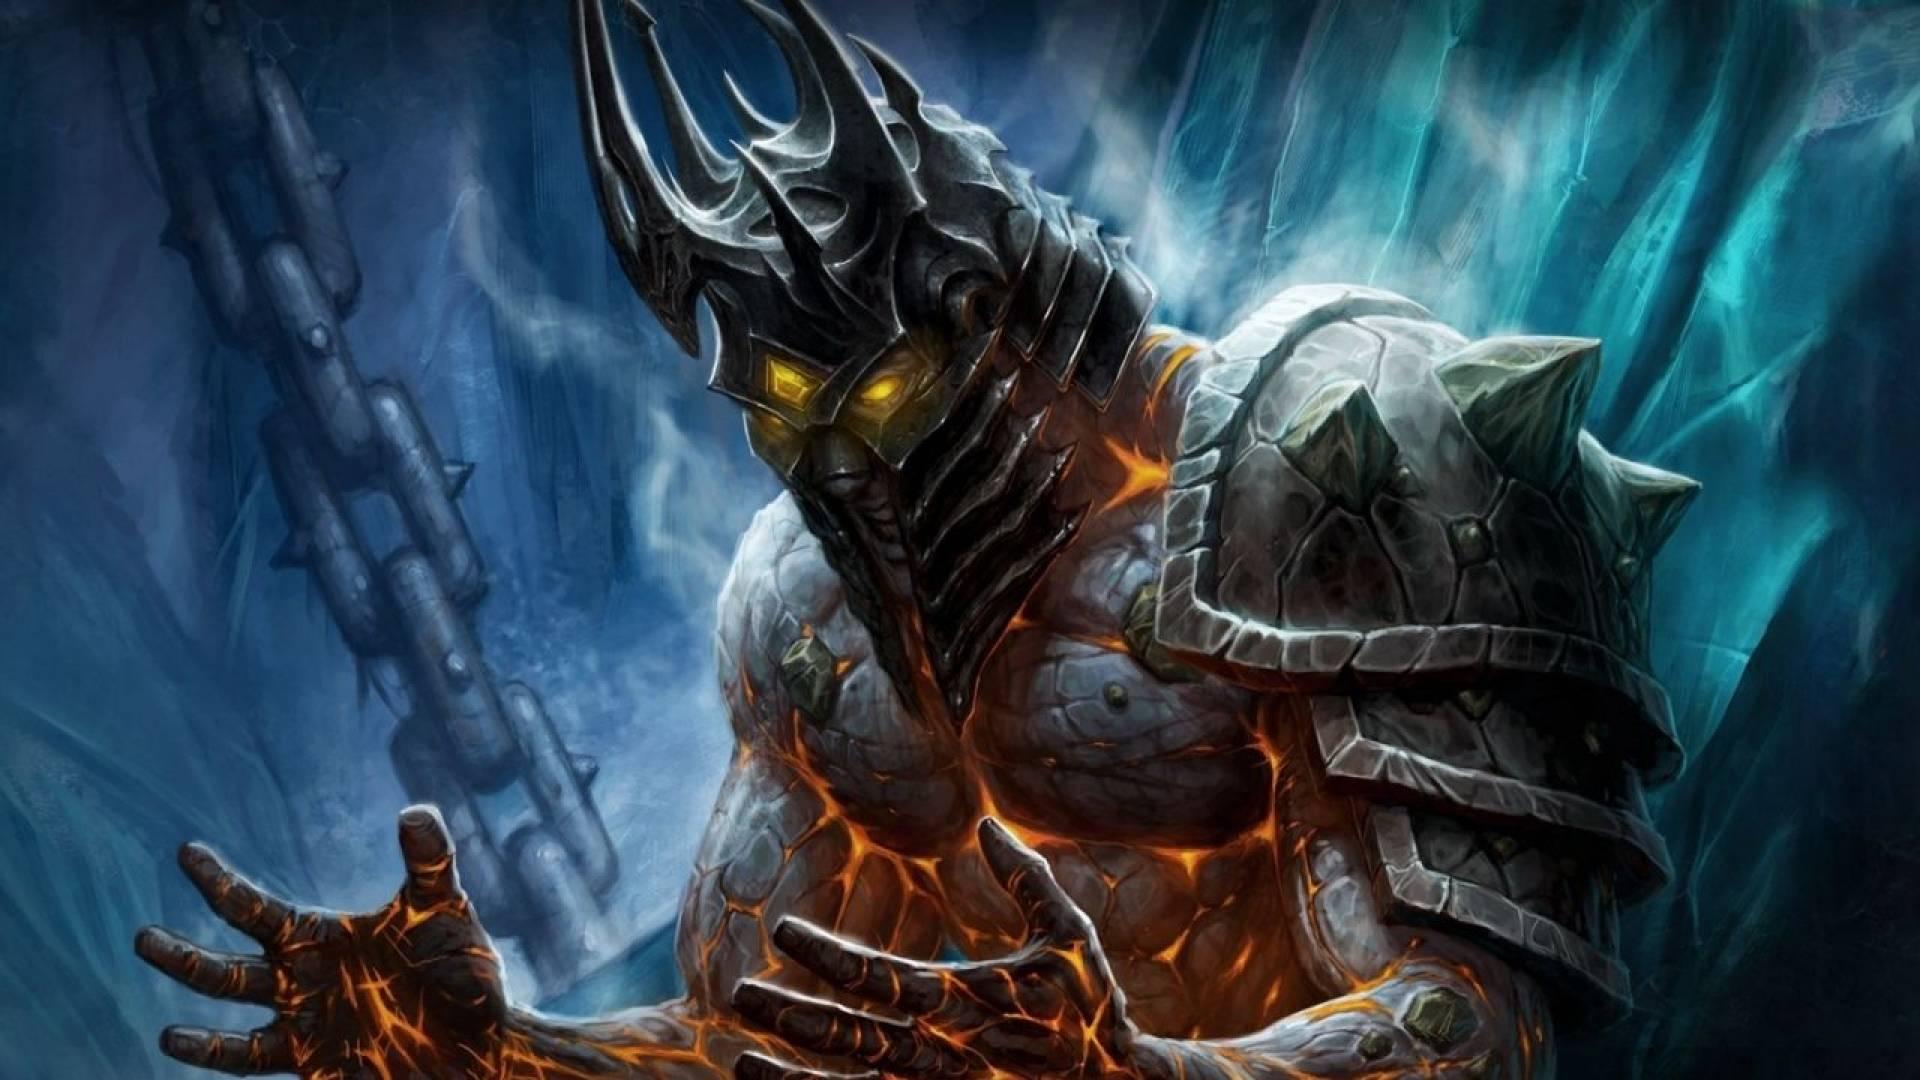 Wallpaper Fire Dragon Warcraft Mythology Art Screenshot